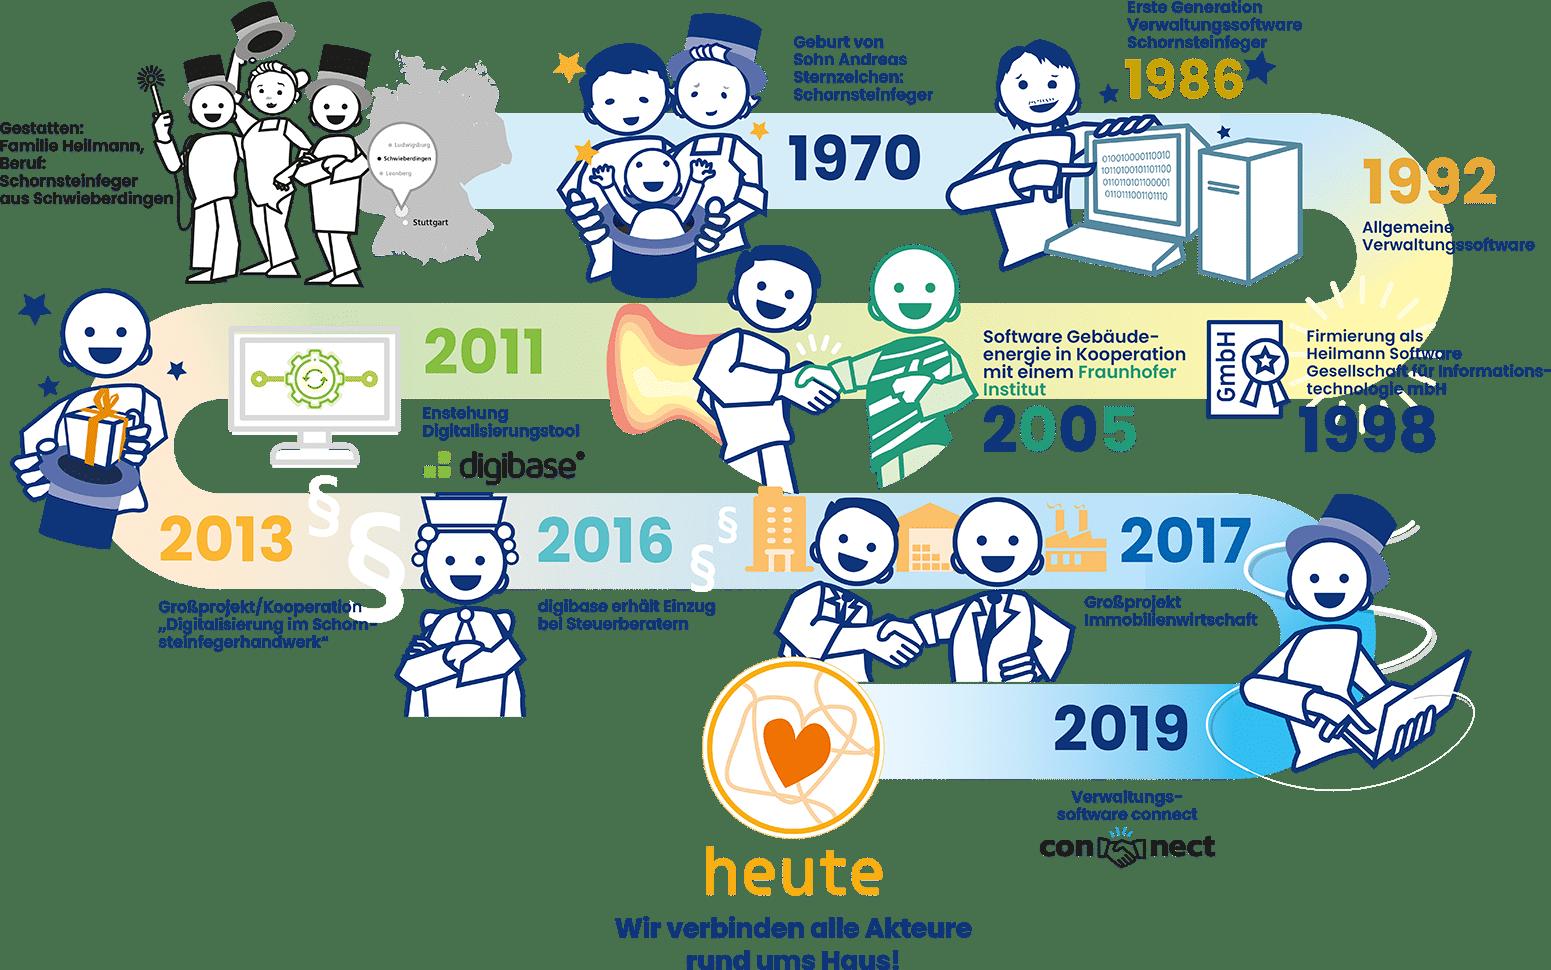 Heilmann Software - von Schornsteinfeger-Software zum Digitalisierungsexperte (Werdegang)